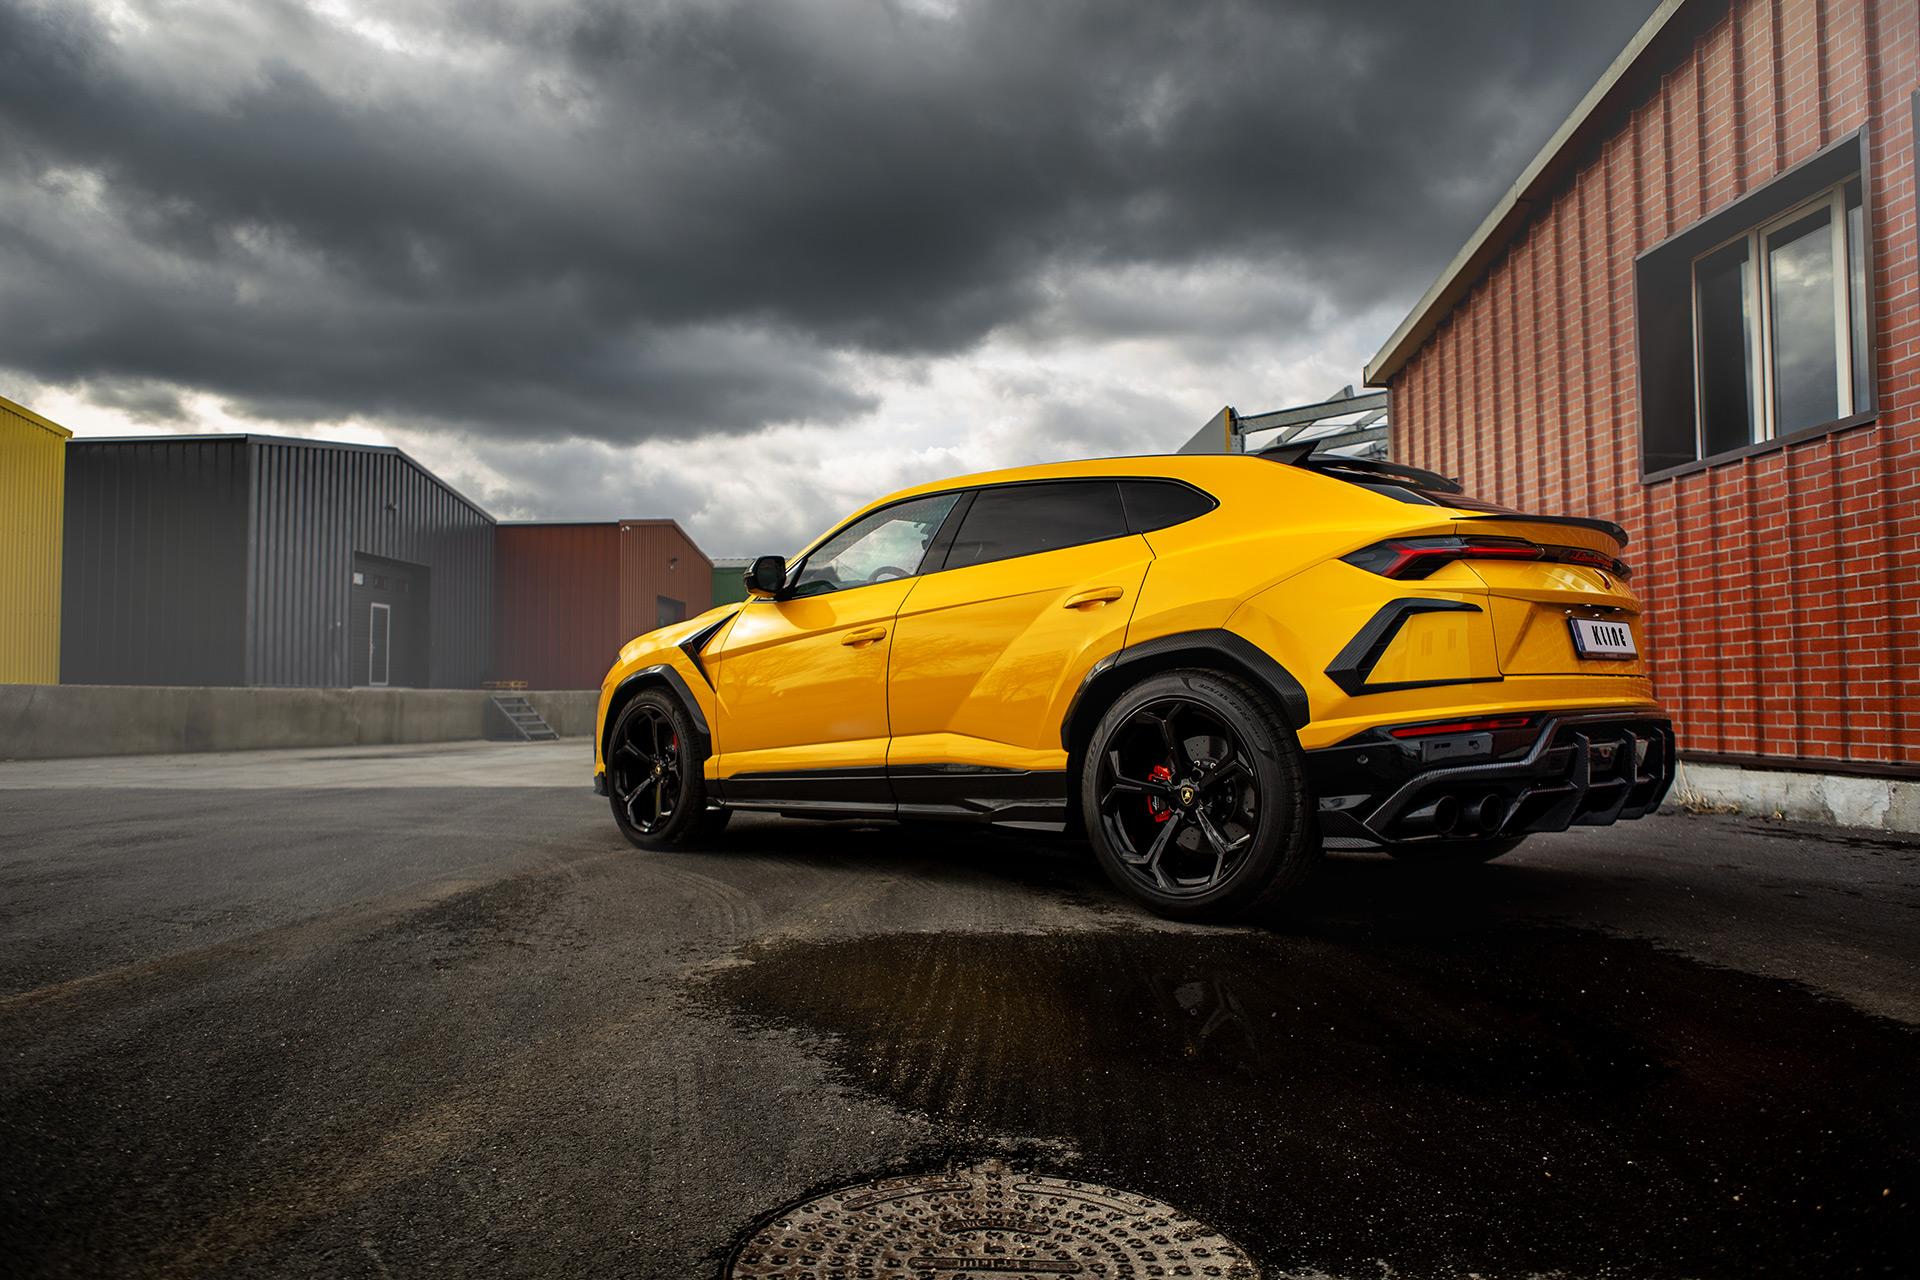 Lamborghini Urus Valvetronic Inconel Exhaust System